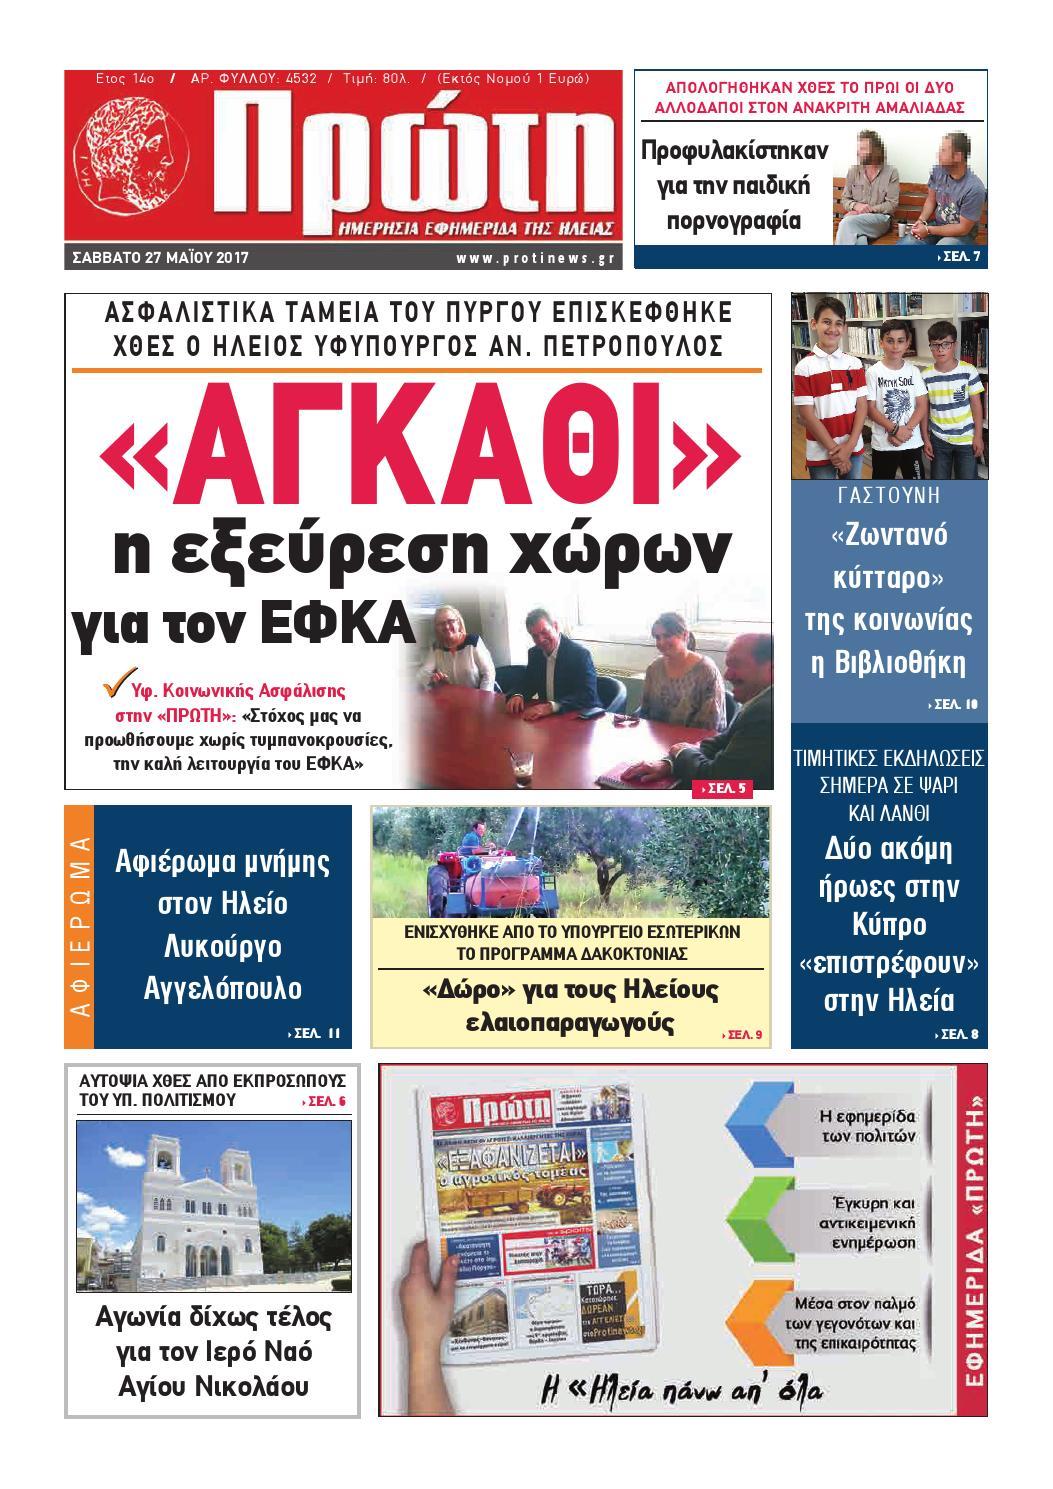 Που χρονολογείται από έναν Ελληνοκύπριο άνθρωπο